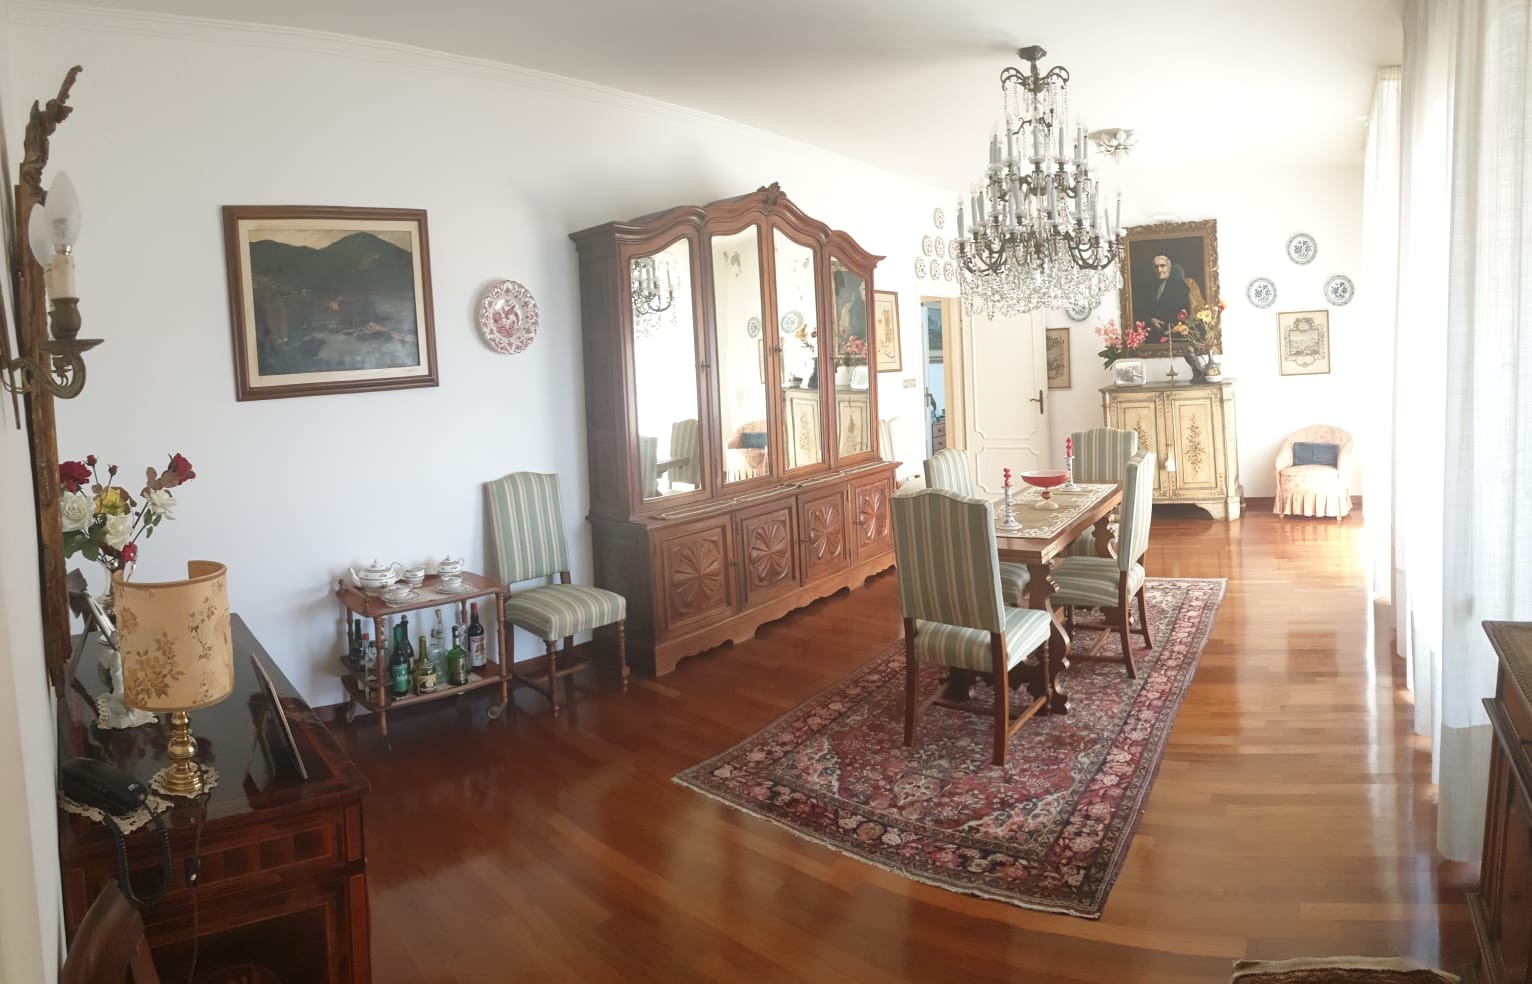 Immobiliare castellani quarto nullo villa carrara 190 mq for Quarto quinto